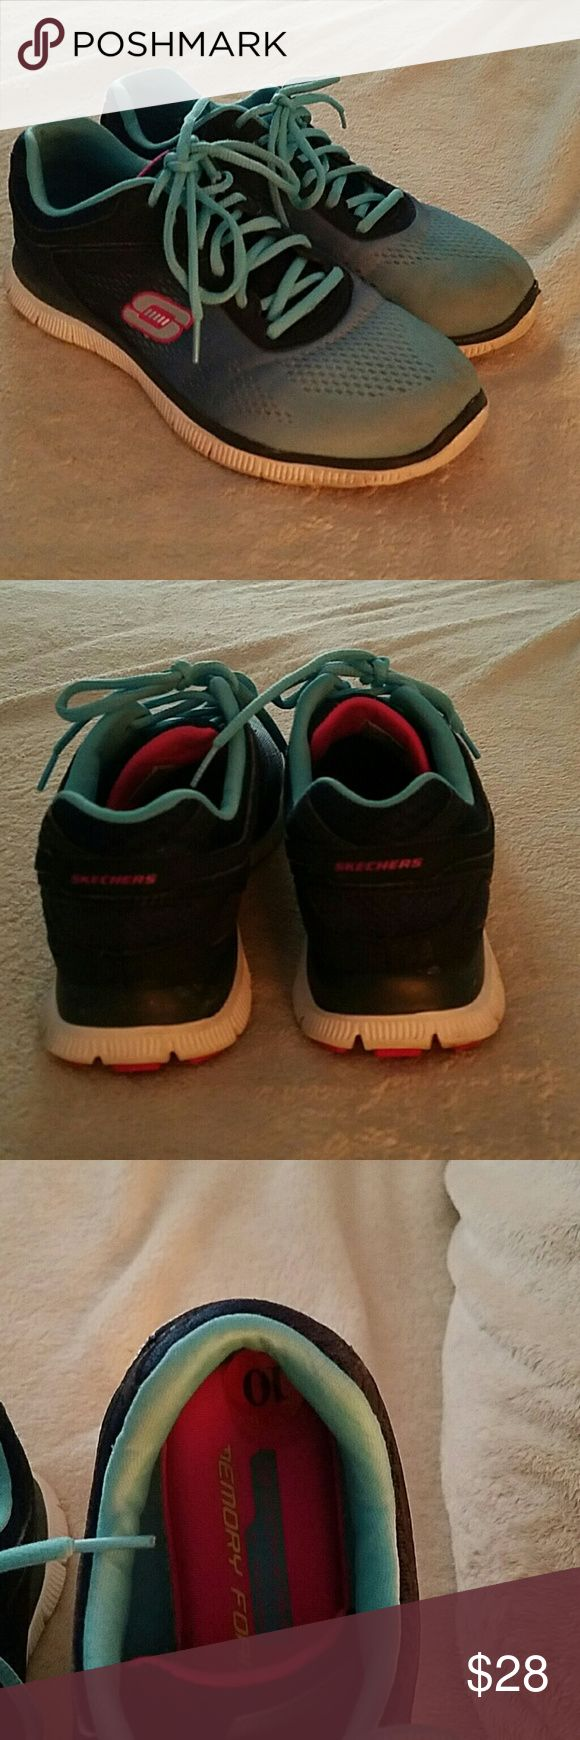 Skechers memory foam sneakers Size 10 memory foam . Still in good condition worn for work. Skechers Shoes Sneakers